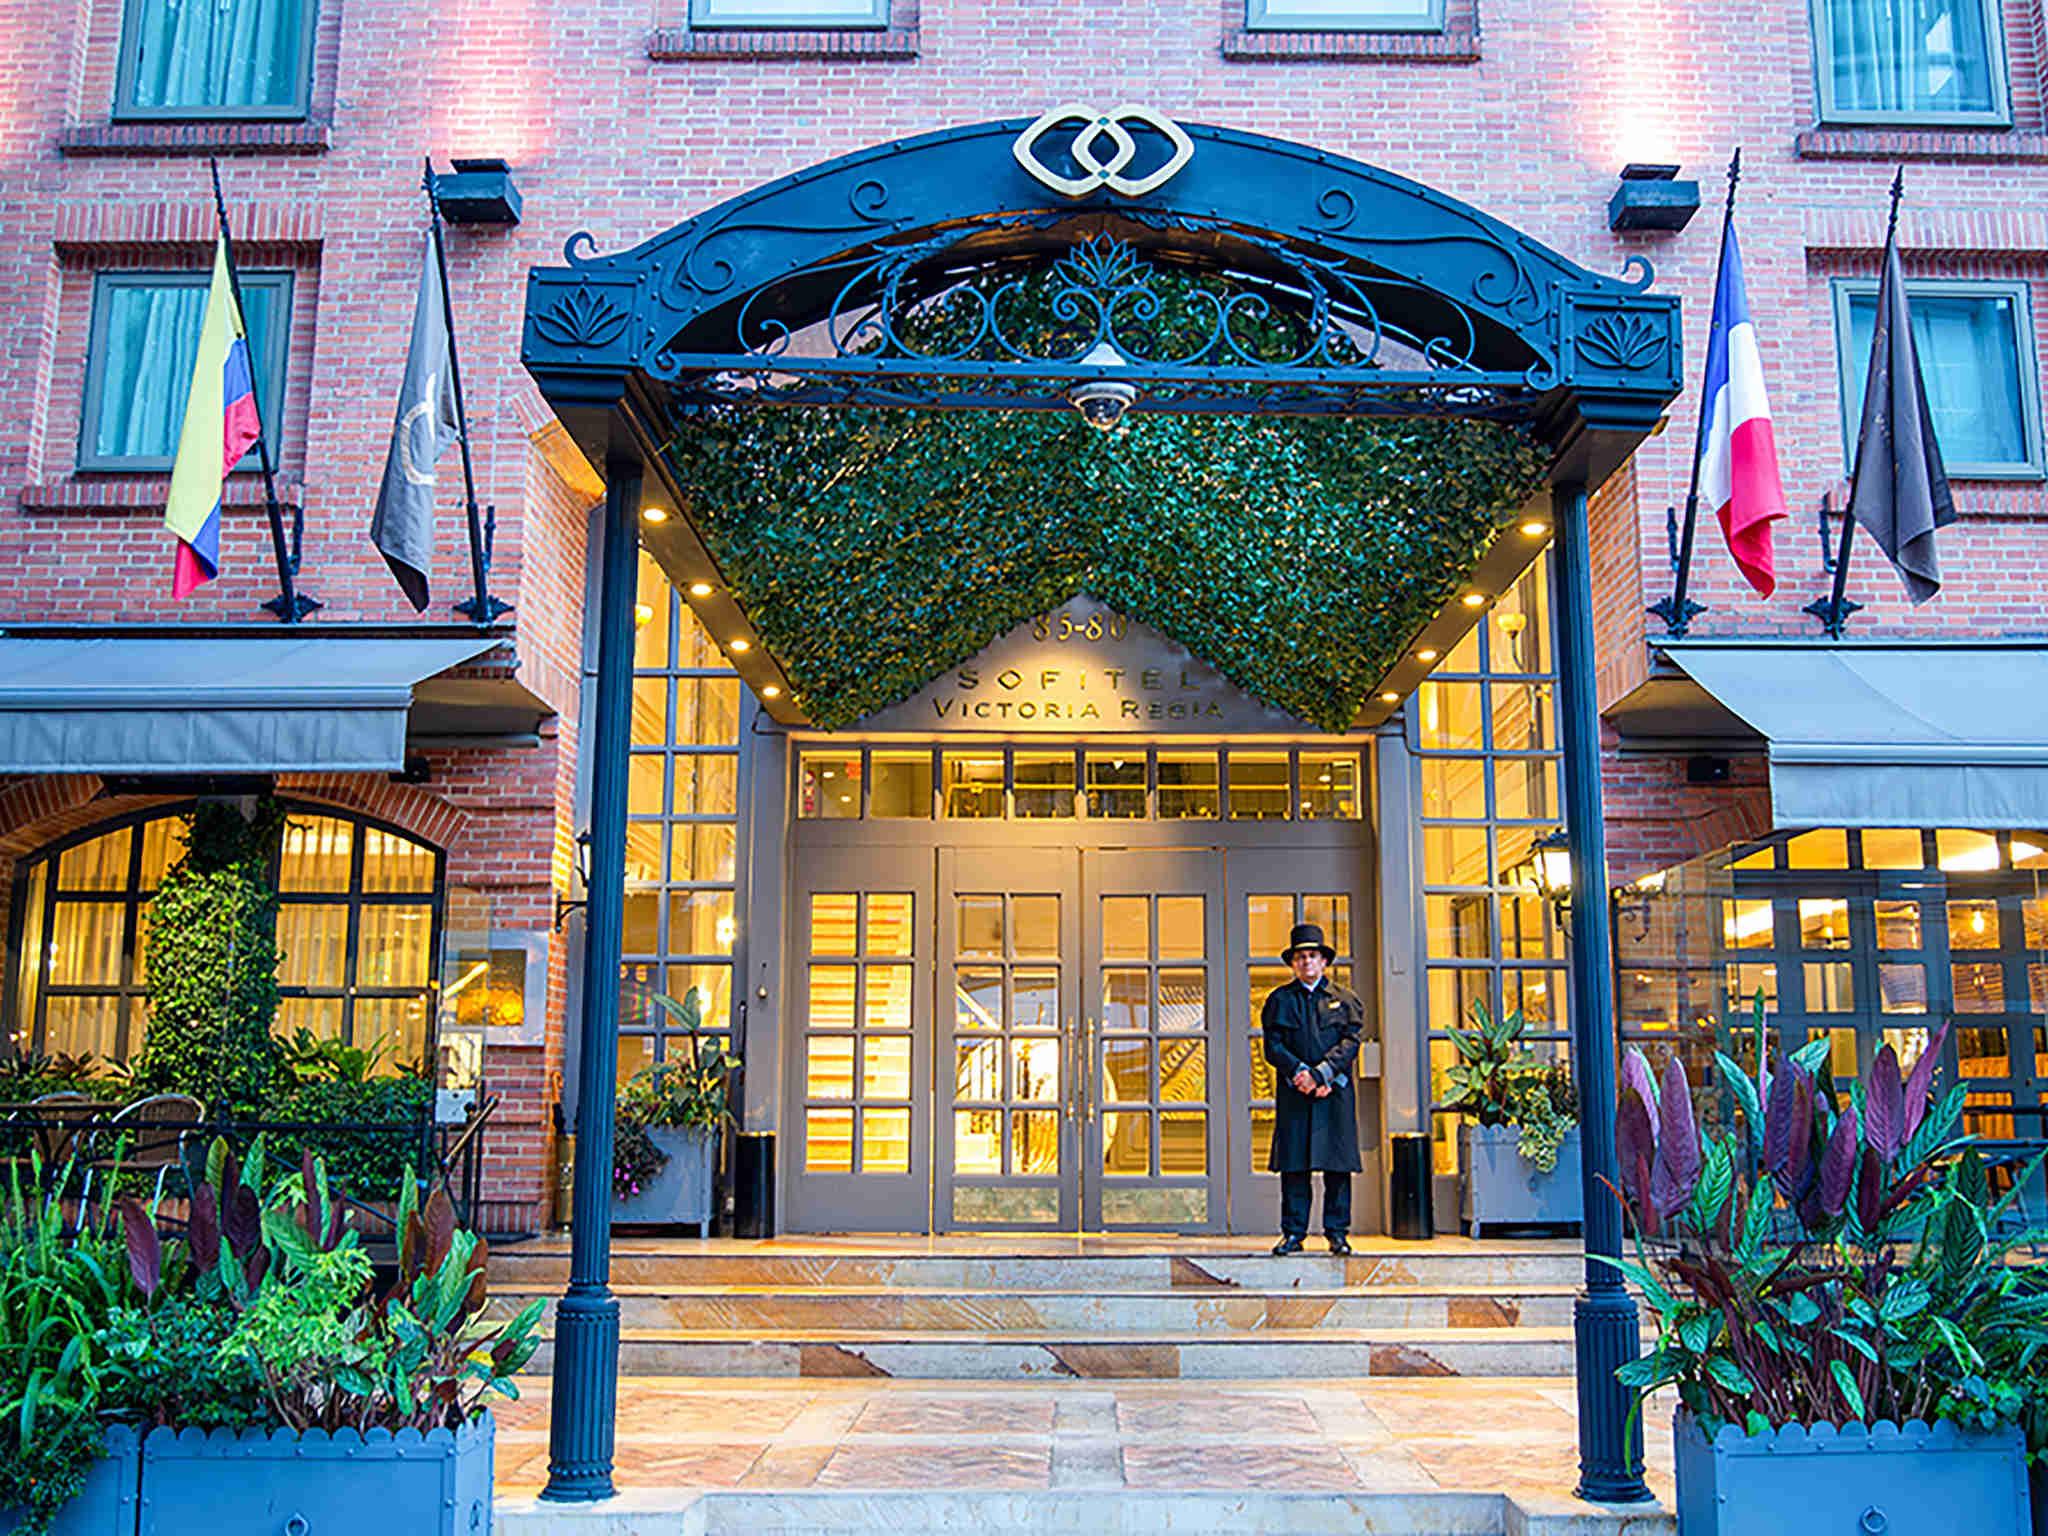 Hotel Sofitel Bogota Victoria Regia